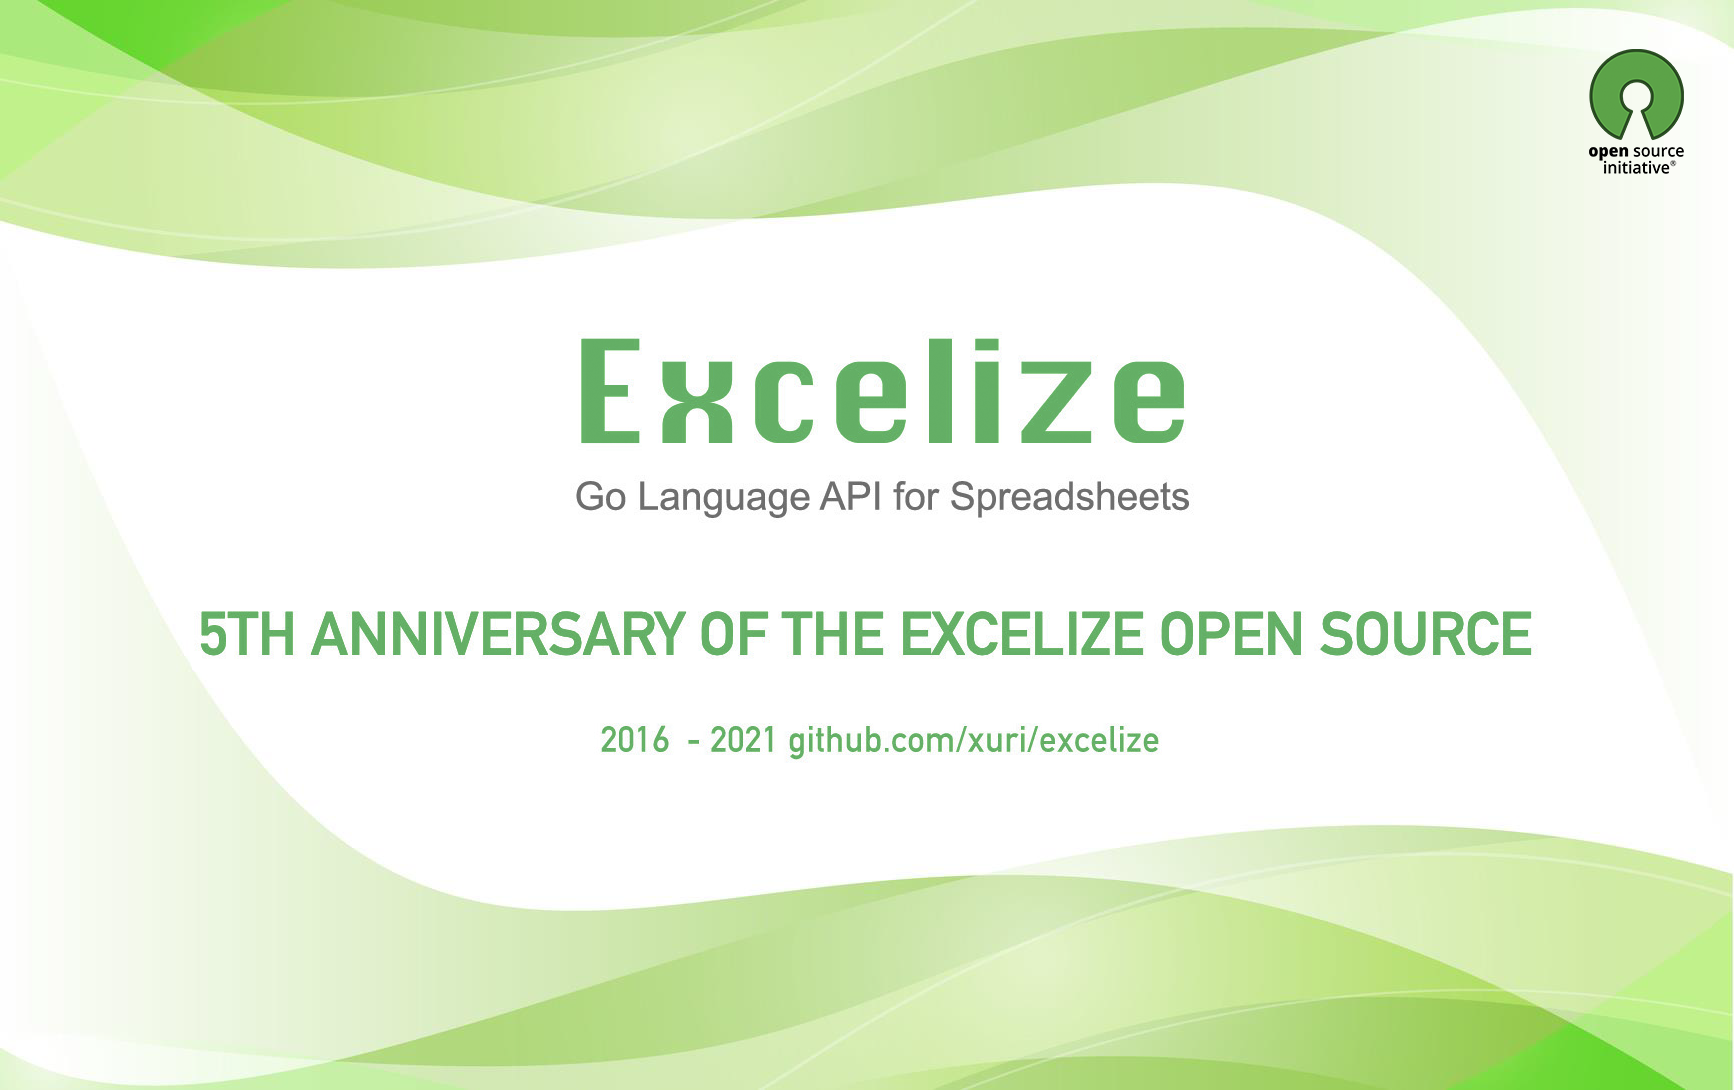 Excelize 开源五周年